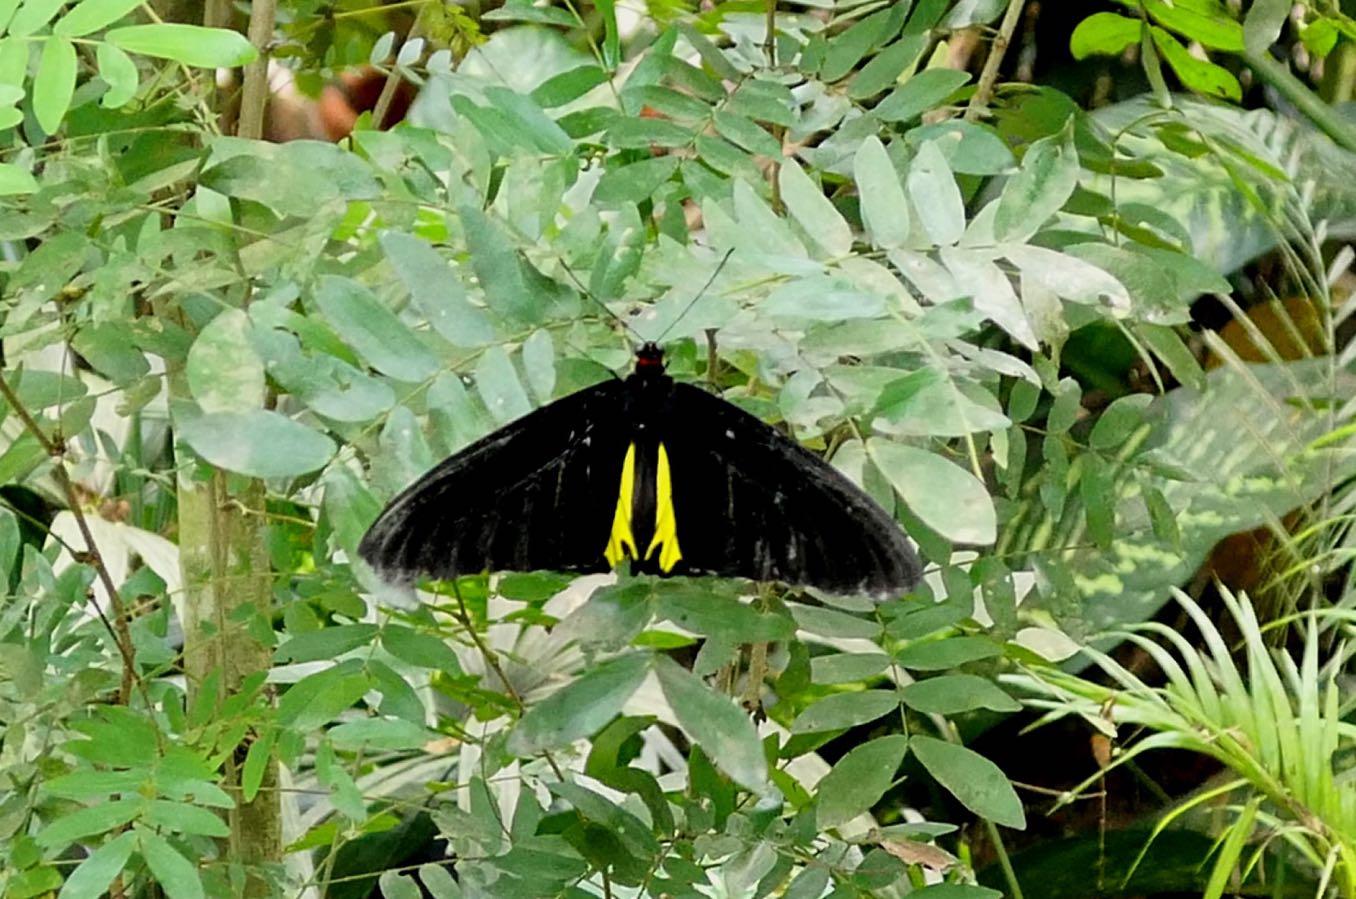 黄色のある黒いチョウ